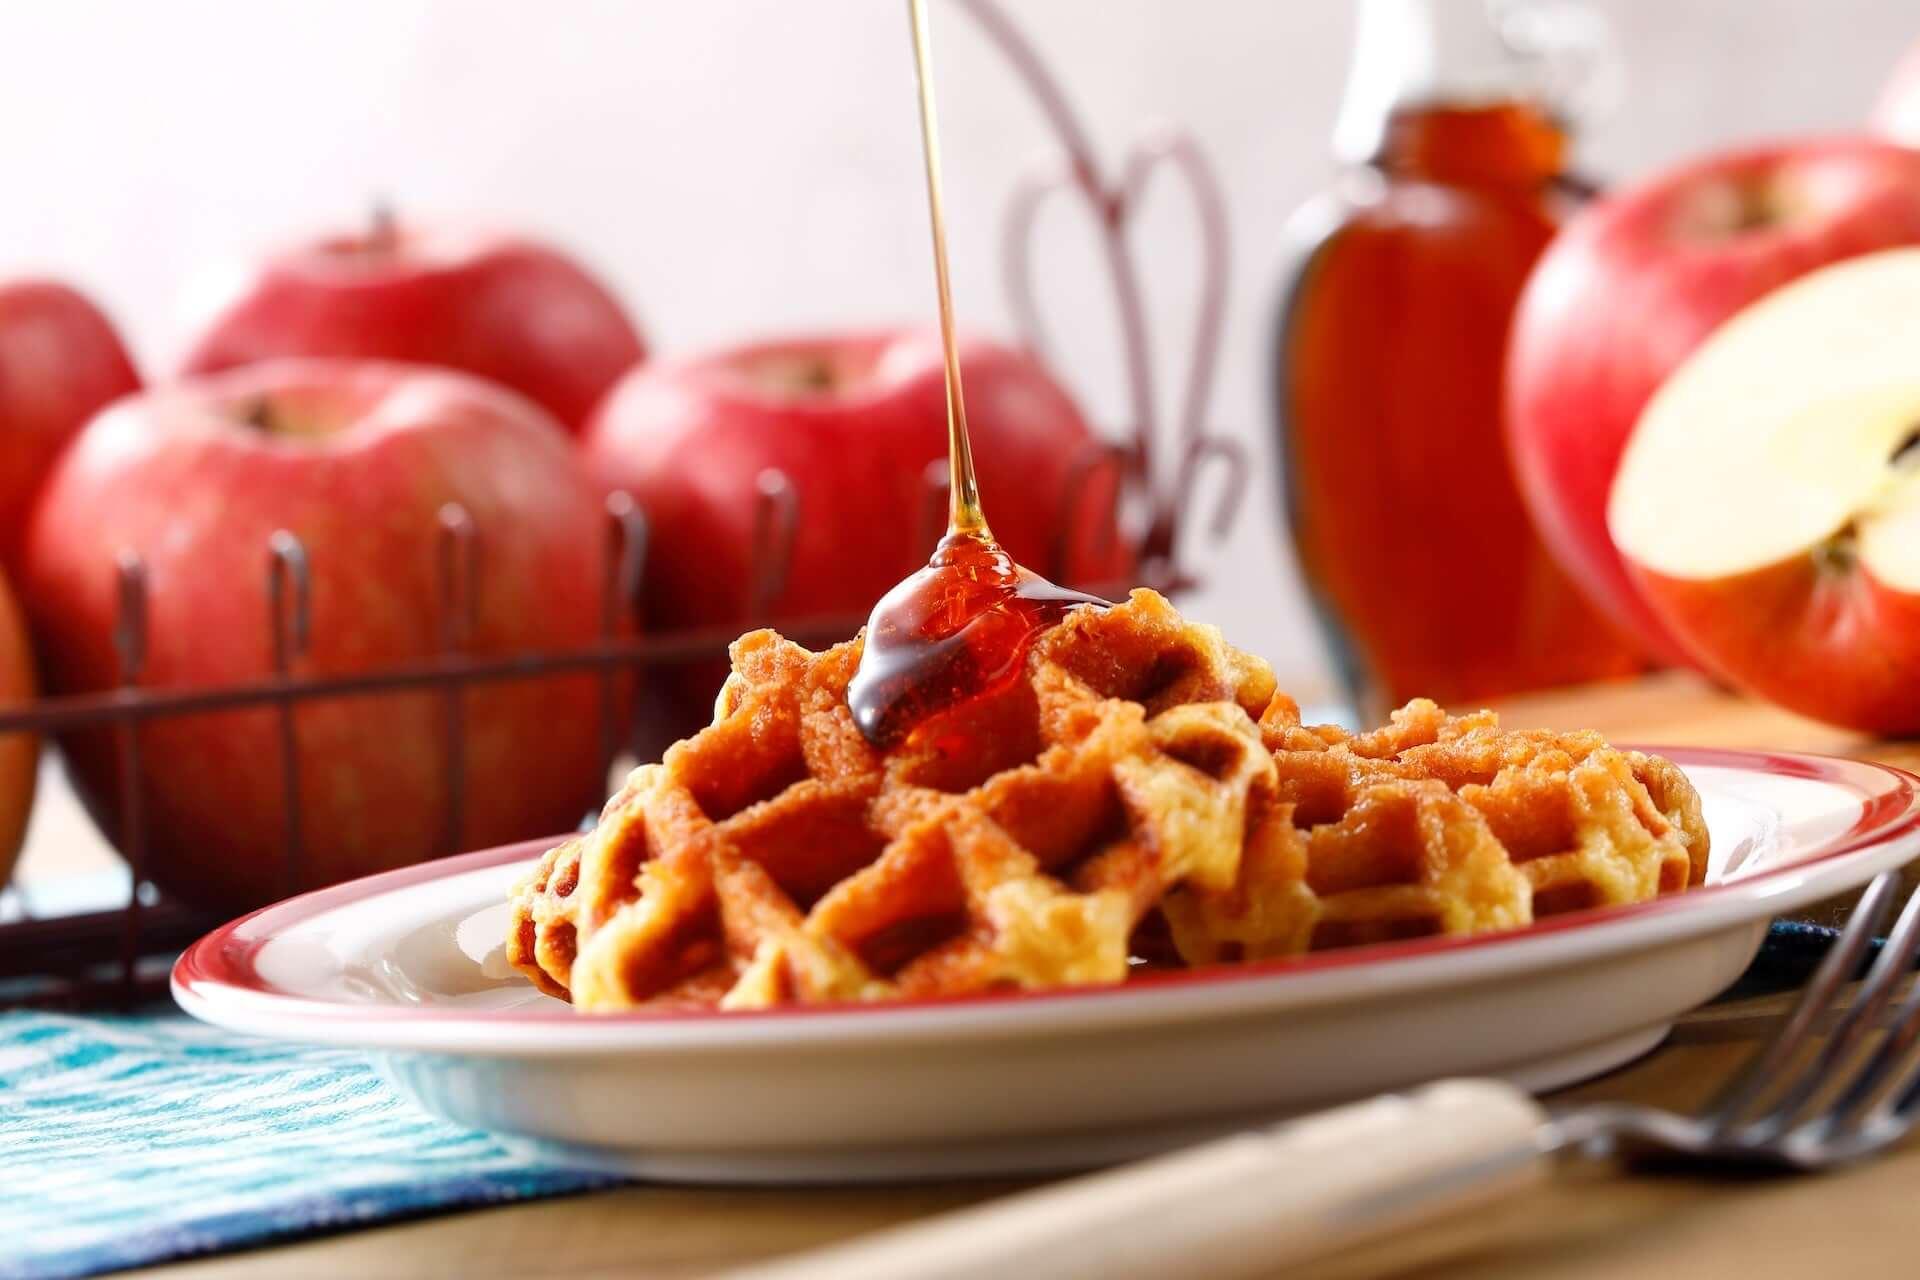 りんご×メープルワッフルの新食感に注目!新宿「メープルダイナー バイ ザ・メープルマニア」に新商品『メープルワッフル アップル』が登場 gourmet200727_the-maplemania_6-1920x1280